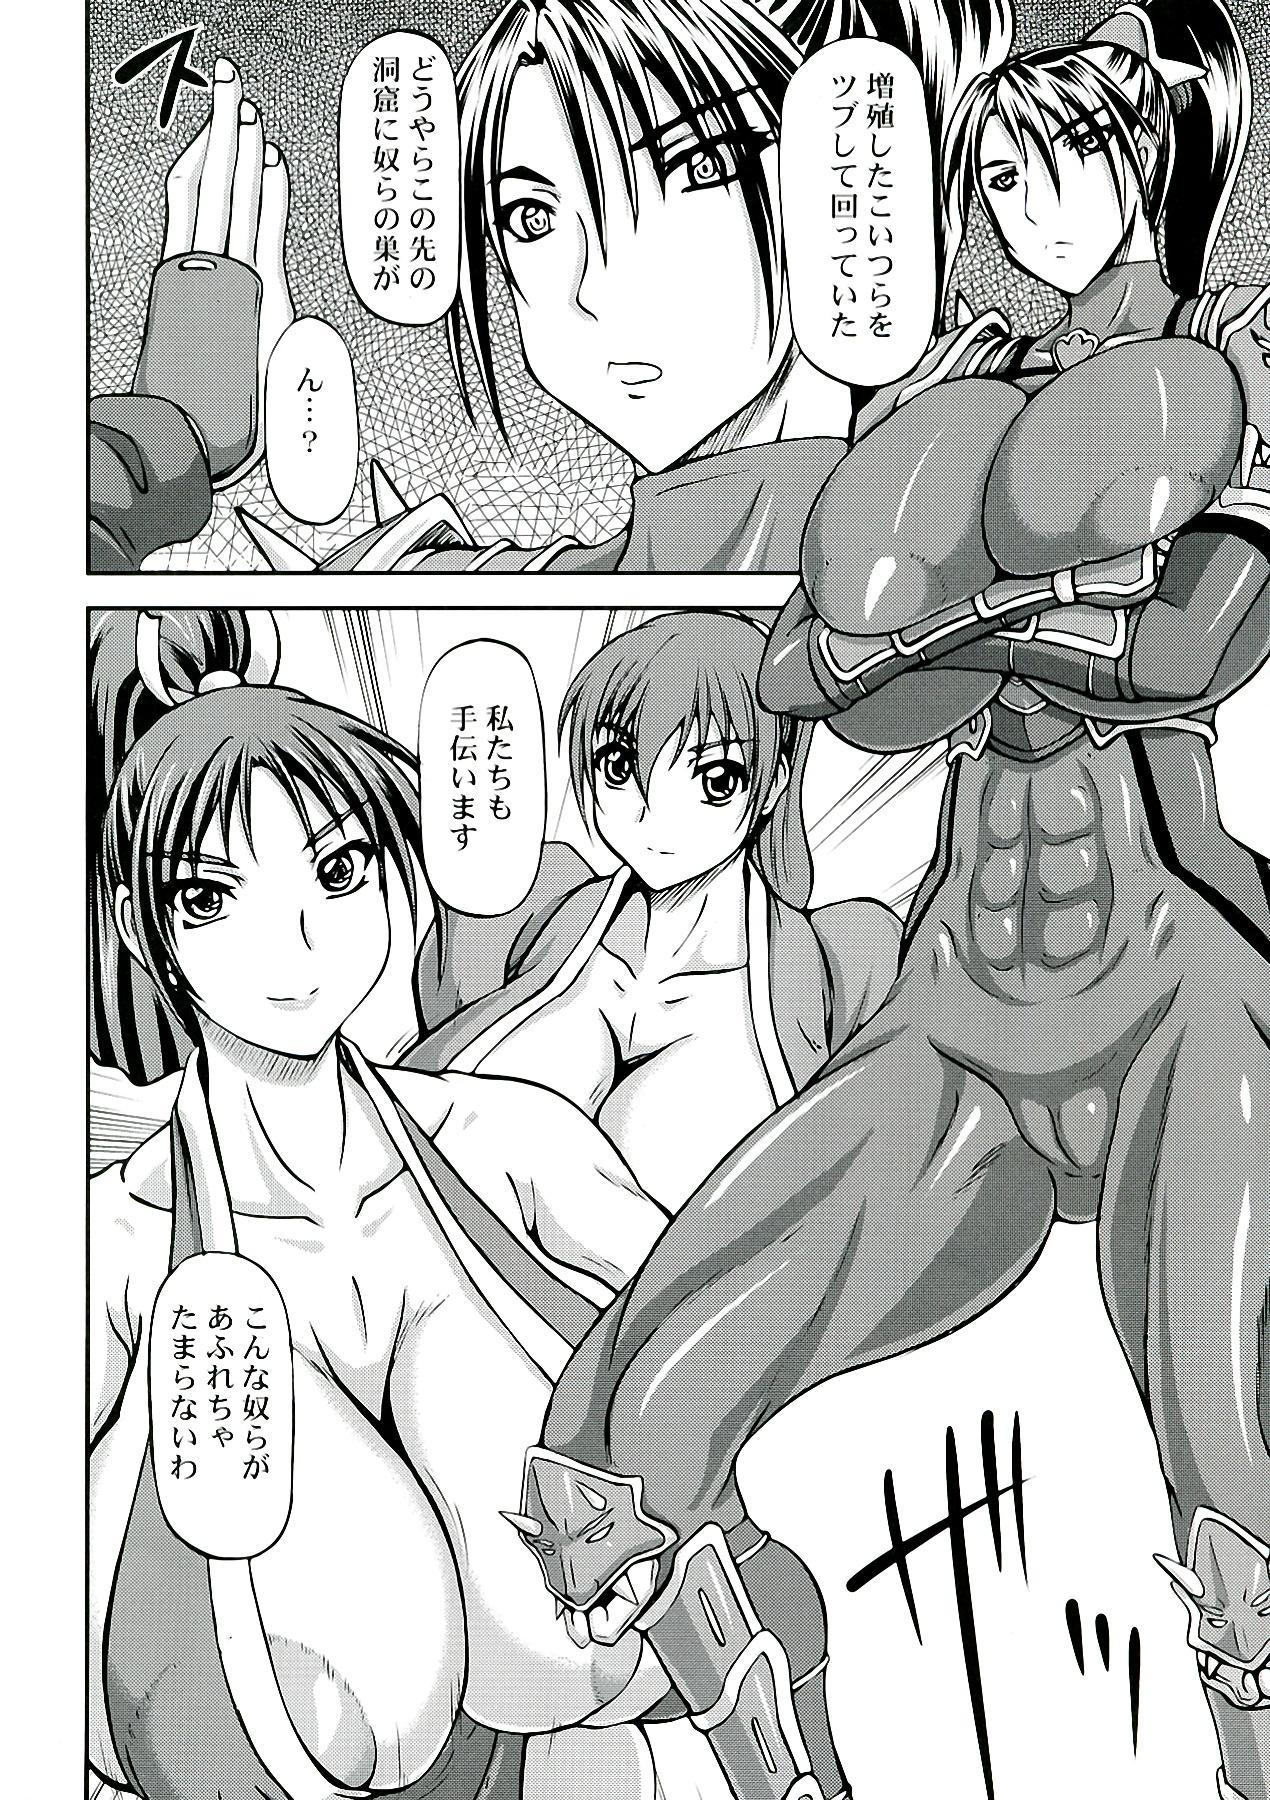 Kunoichi Ingoku no Wana 3